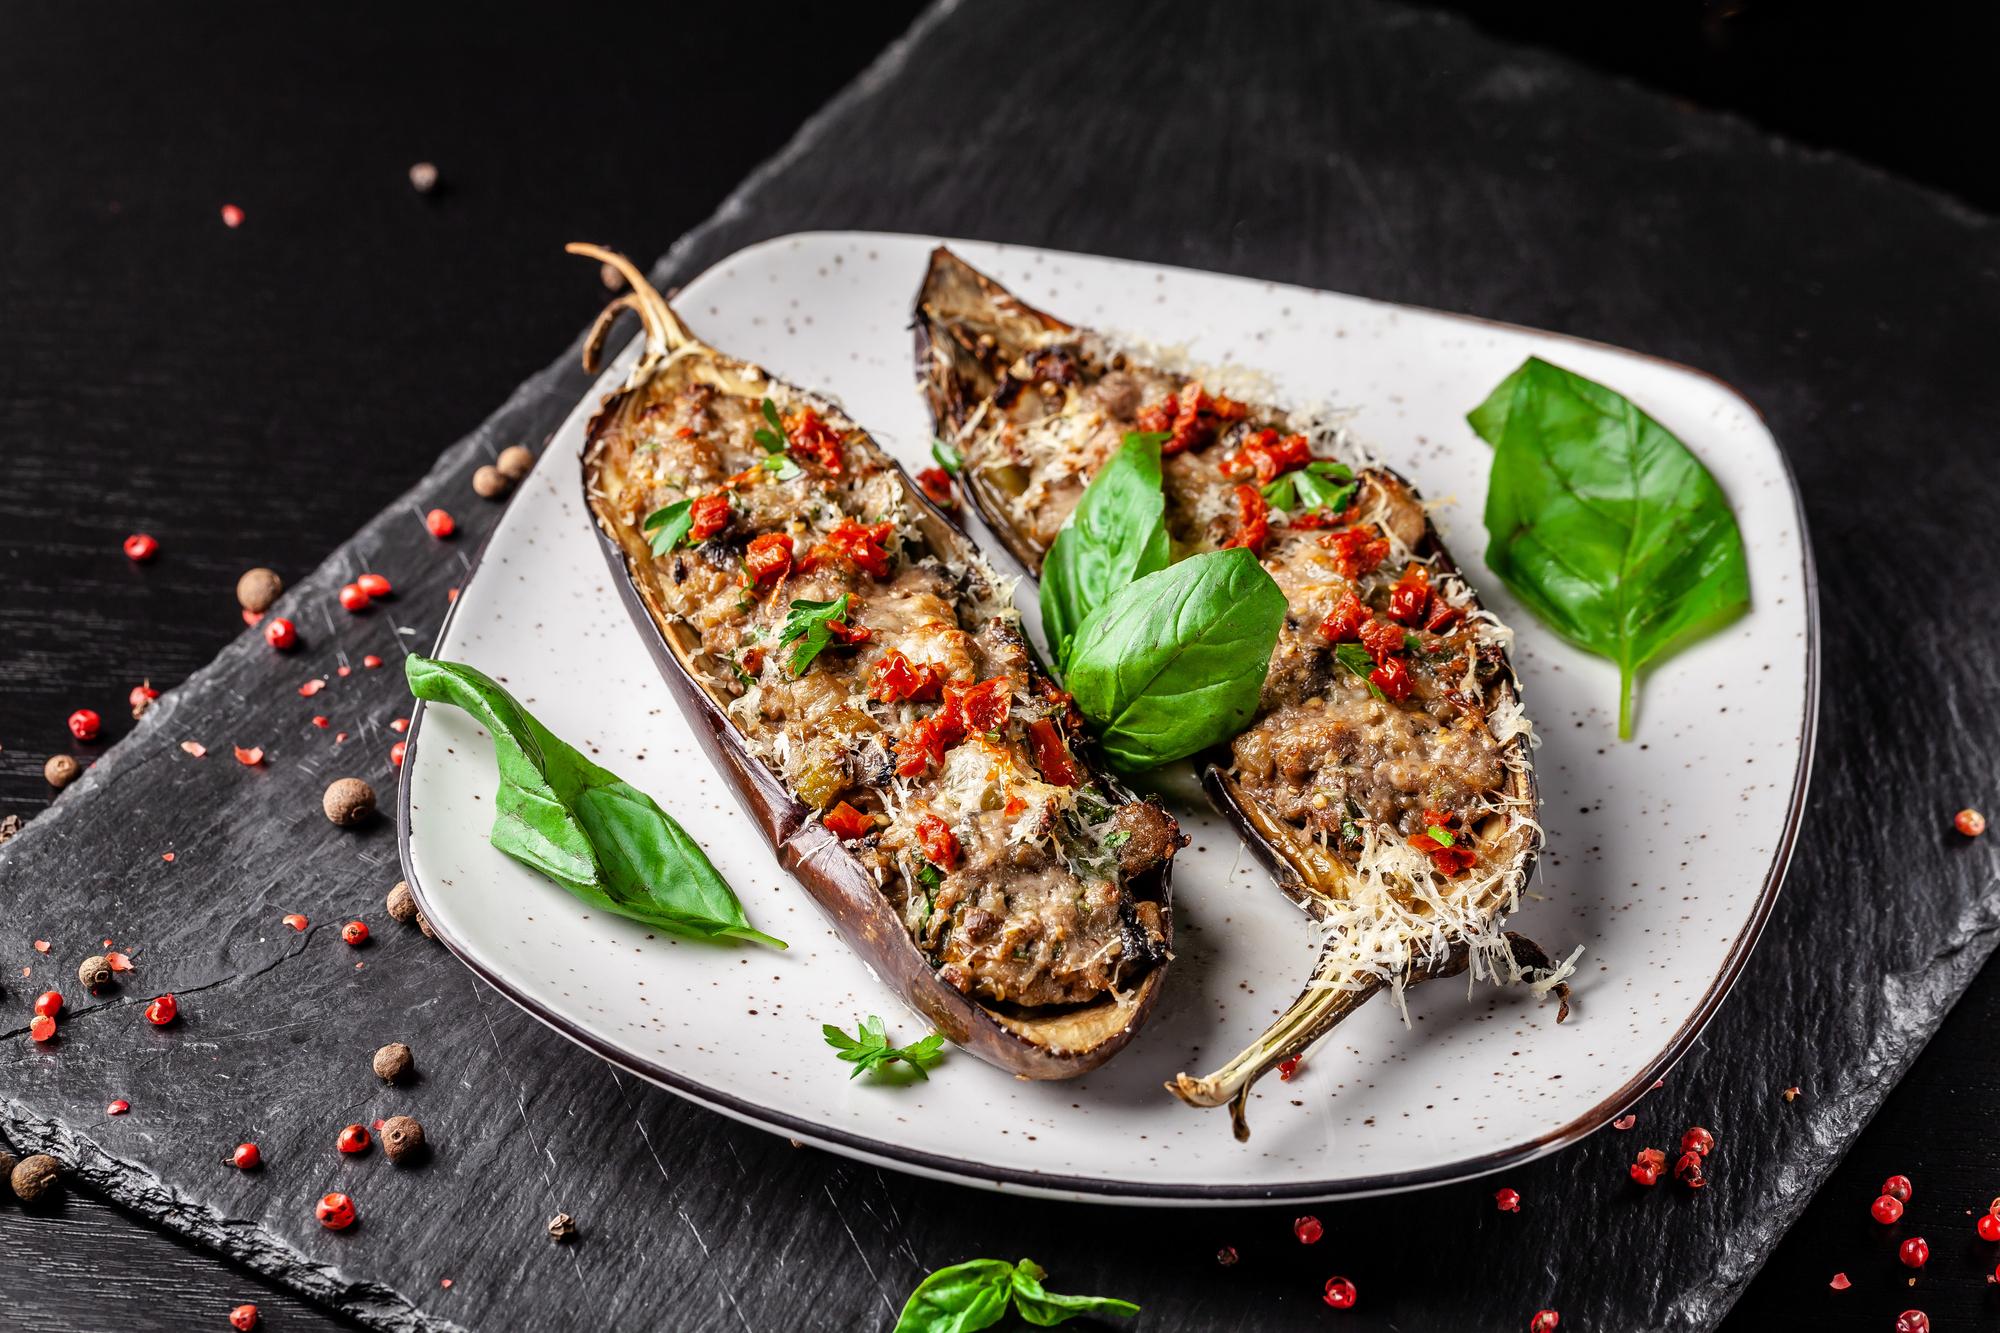 Салат Пармиджано: ресторанное блюдо в домашних условиях